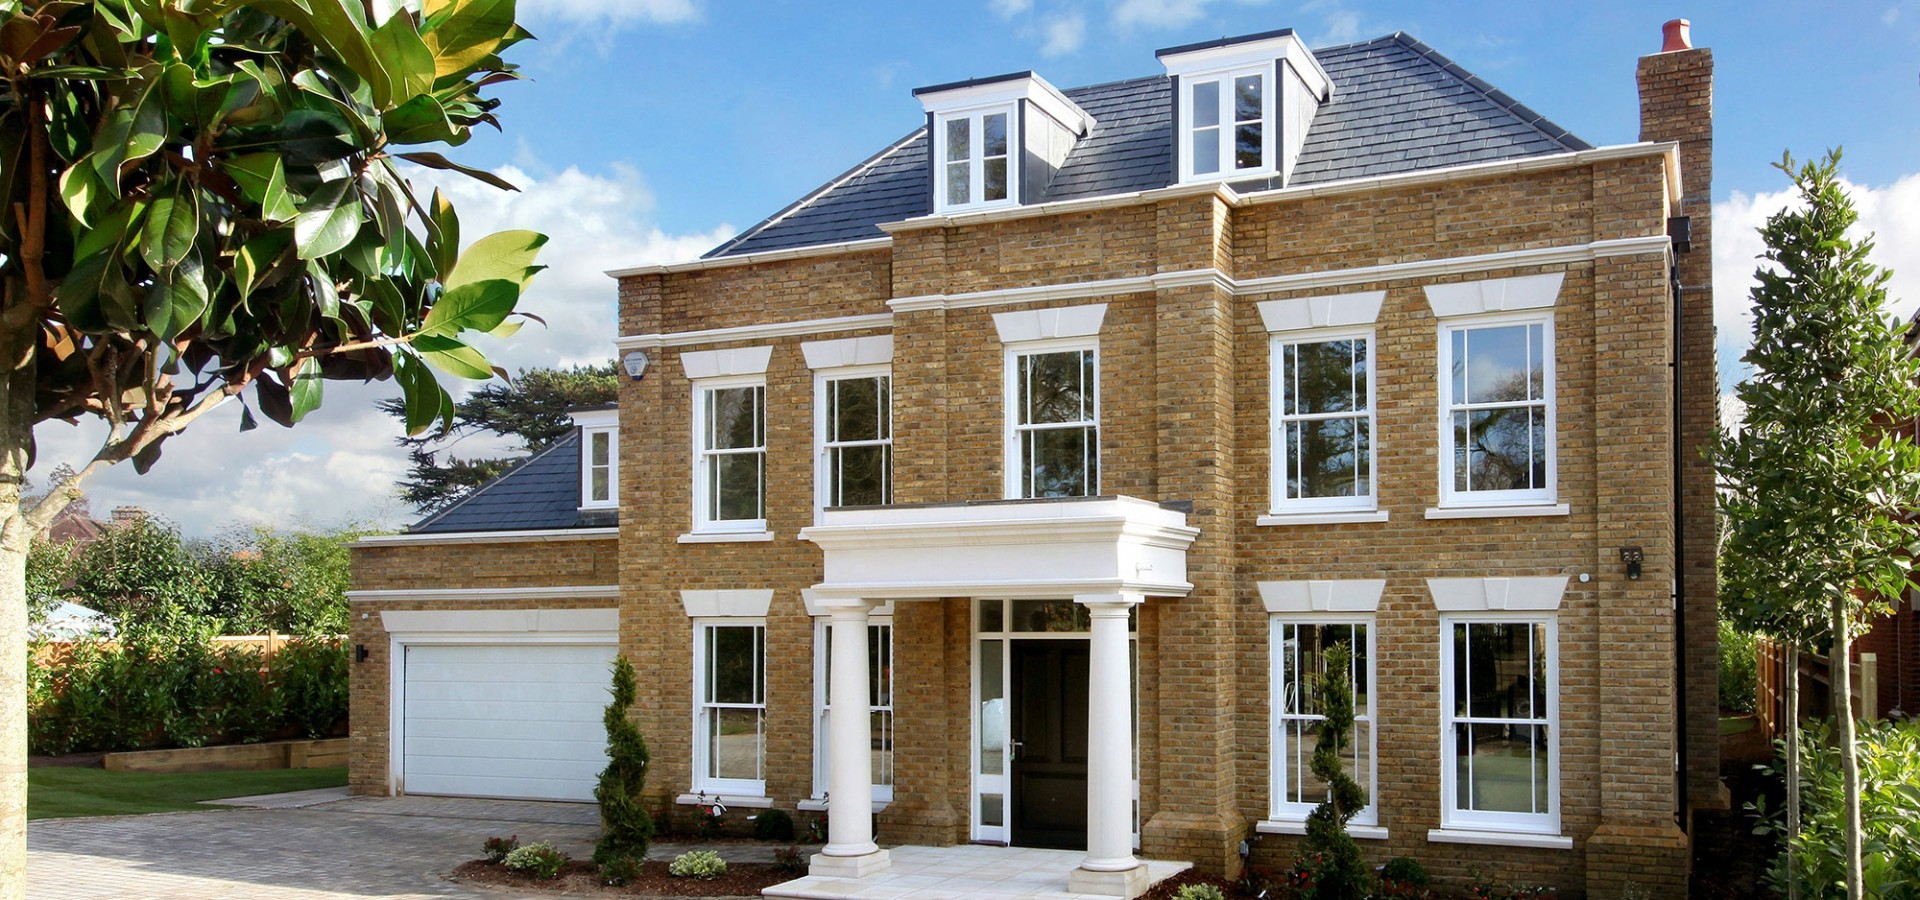 Lovely Ashridge House